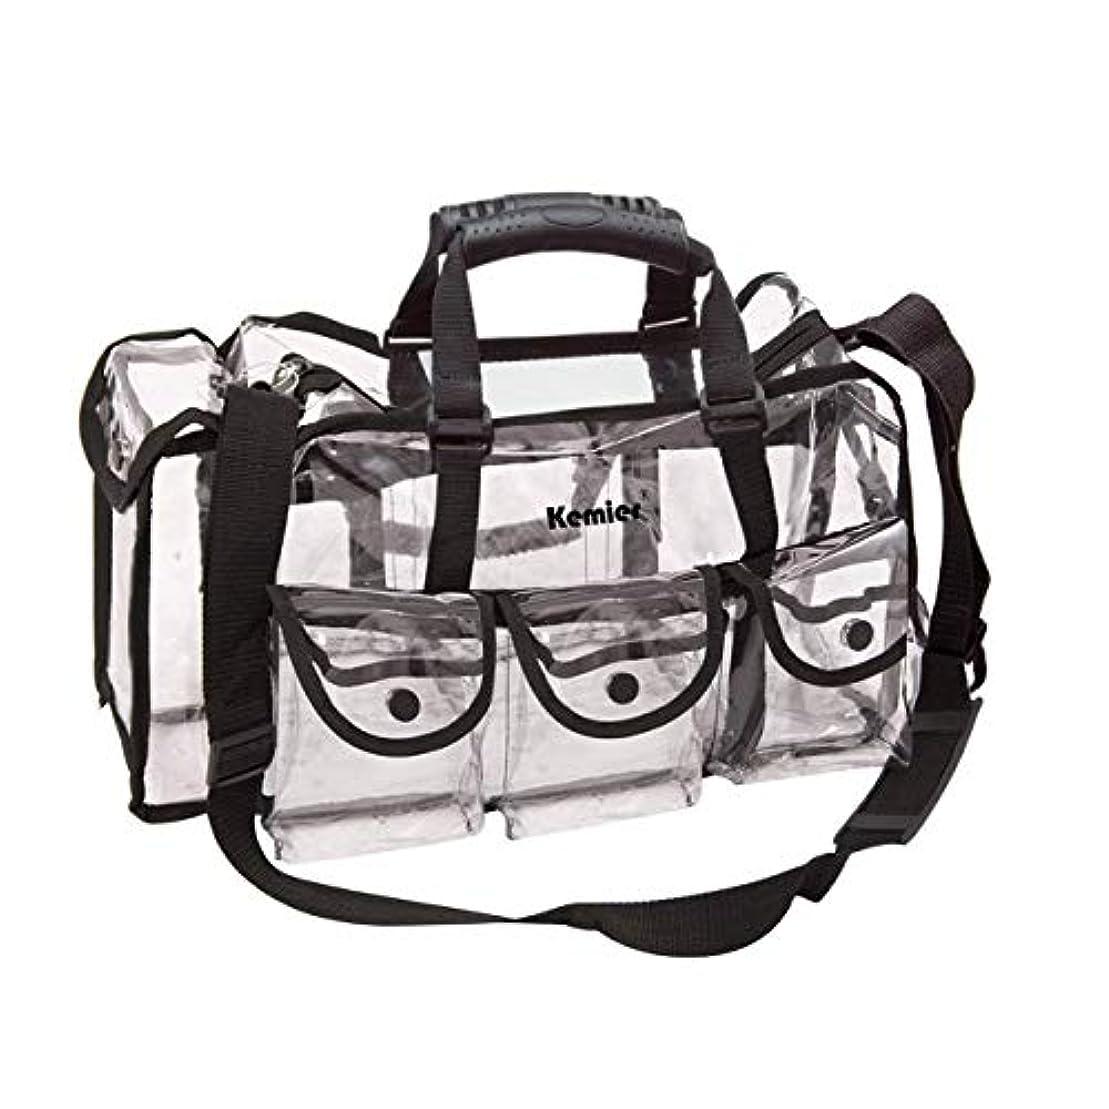 誤ドック老人Kemier 透明 ハンドバッグ 機能的 コスメポーチ メイクポーチ メイクケース 小物入れ 化粧道具 整理整頓 軽量 防水 旅行 小物入れ 6つの外側ポケット付き